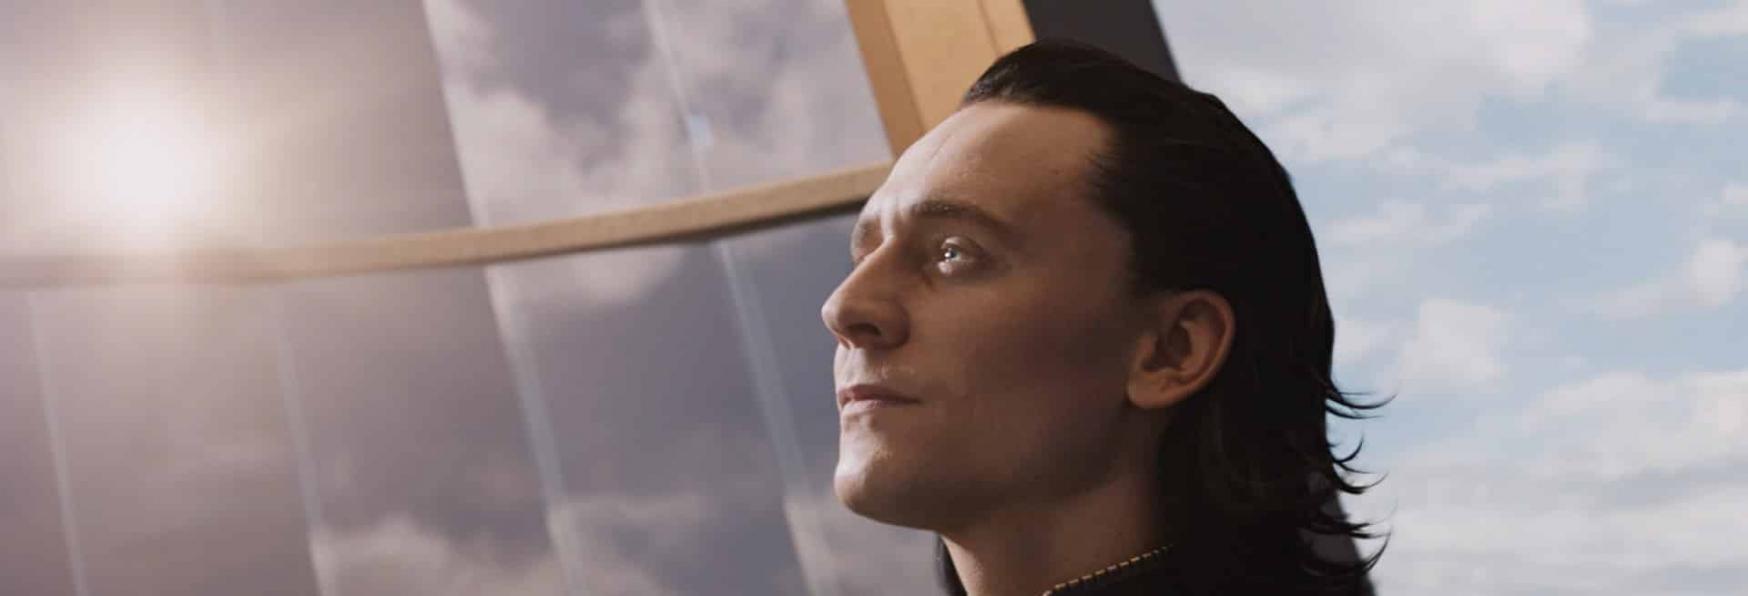 Loki: Chi Comanda alla TVA? Ecco alcune interessanti Teorie dei Fan della Serie TV Disney+